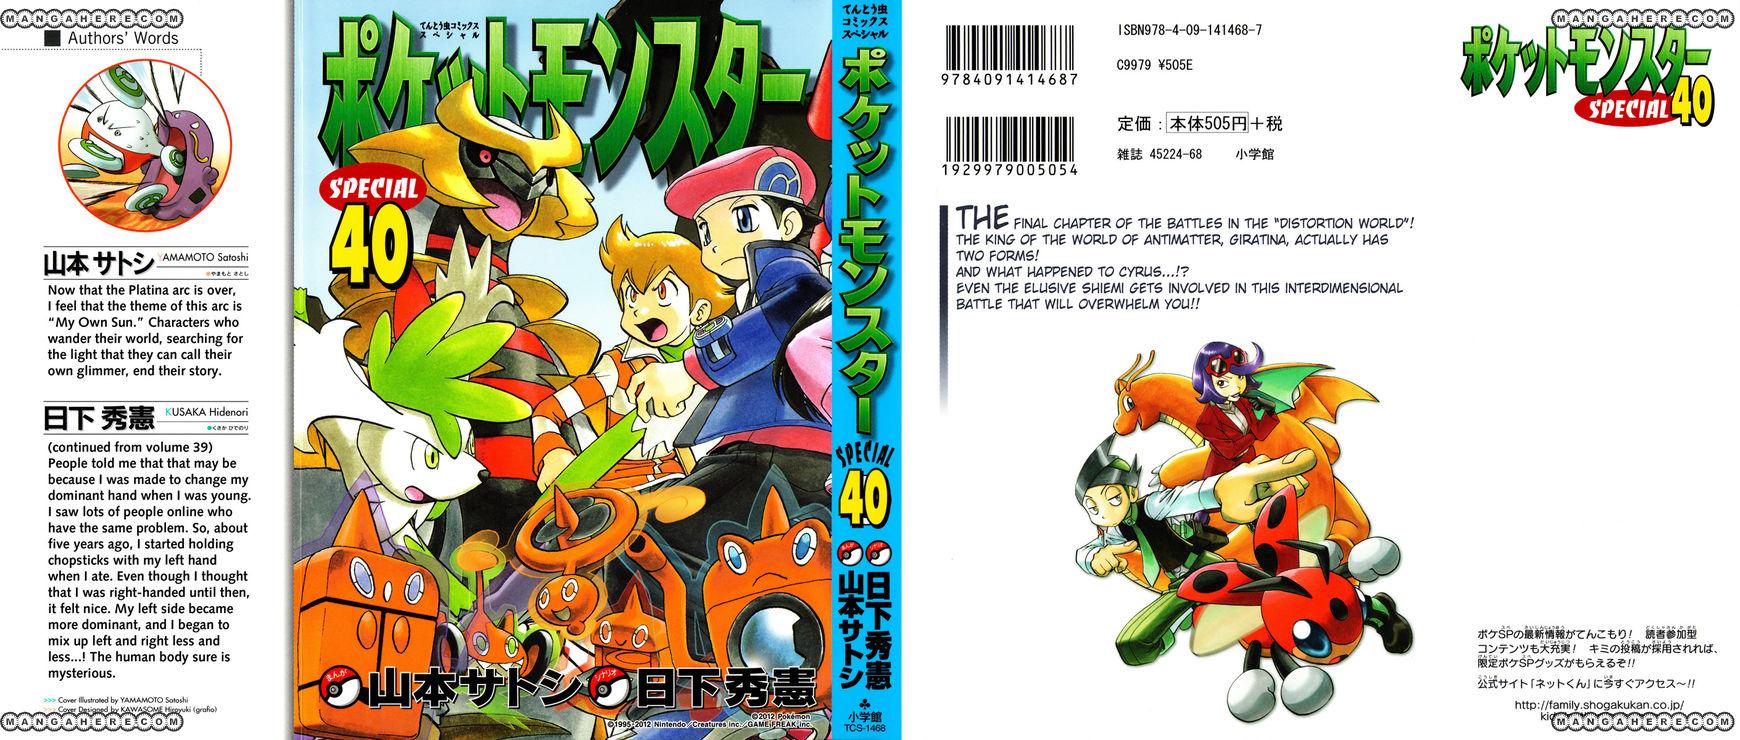 Pokemon Adventures 431 Page 1